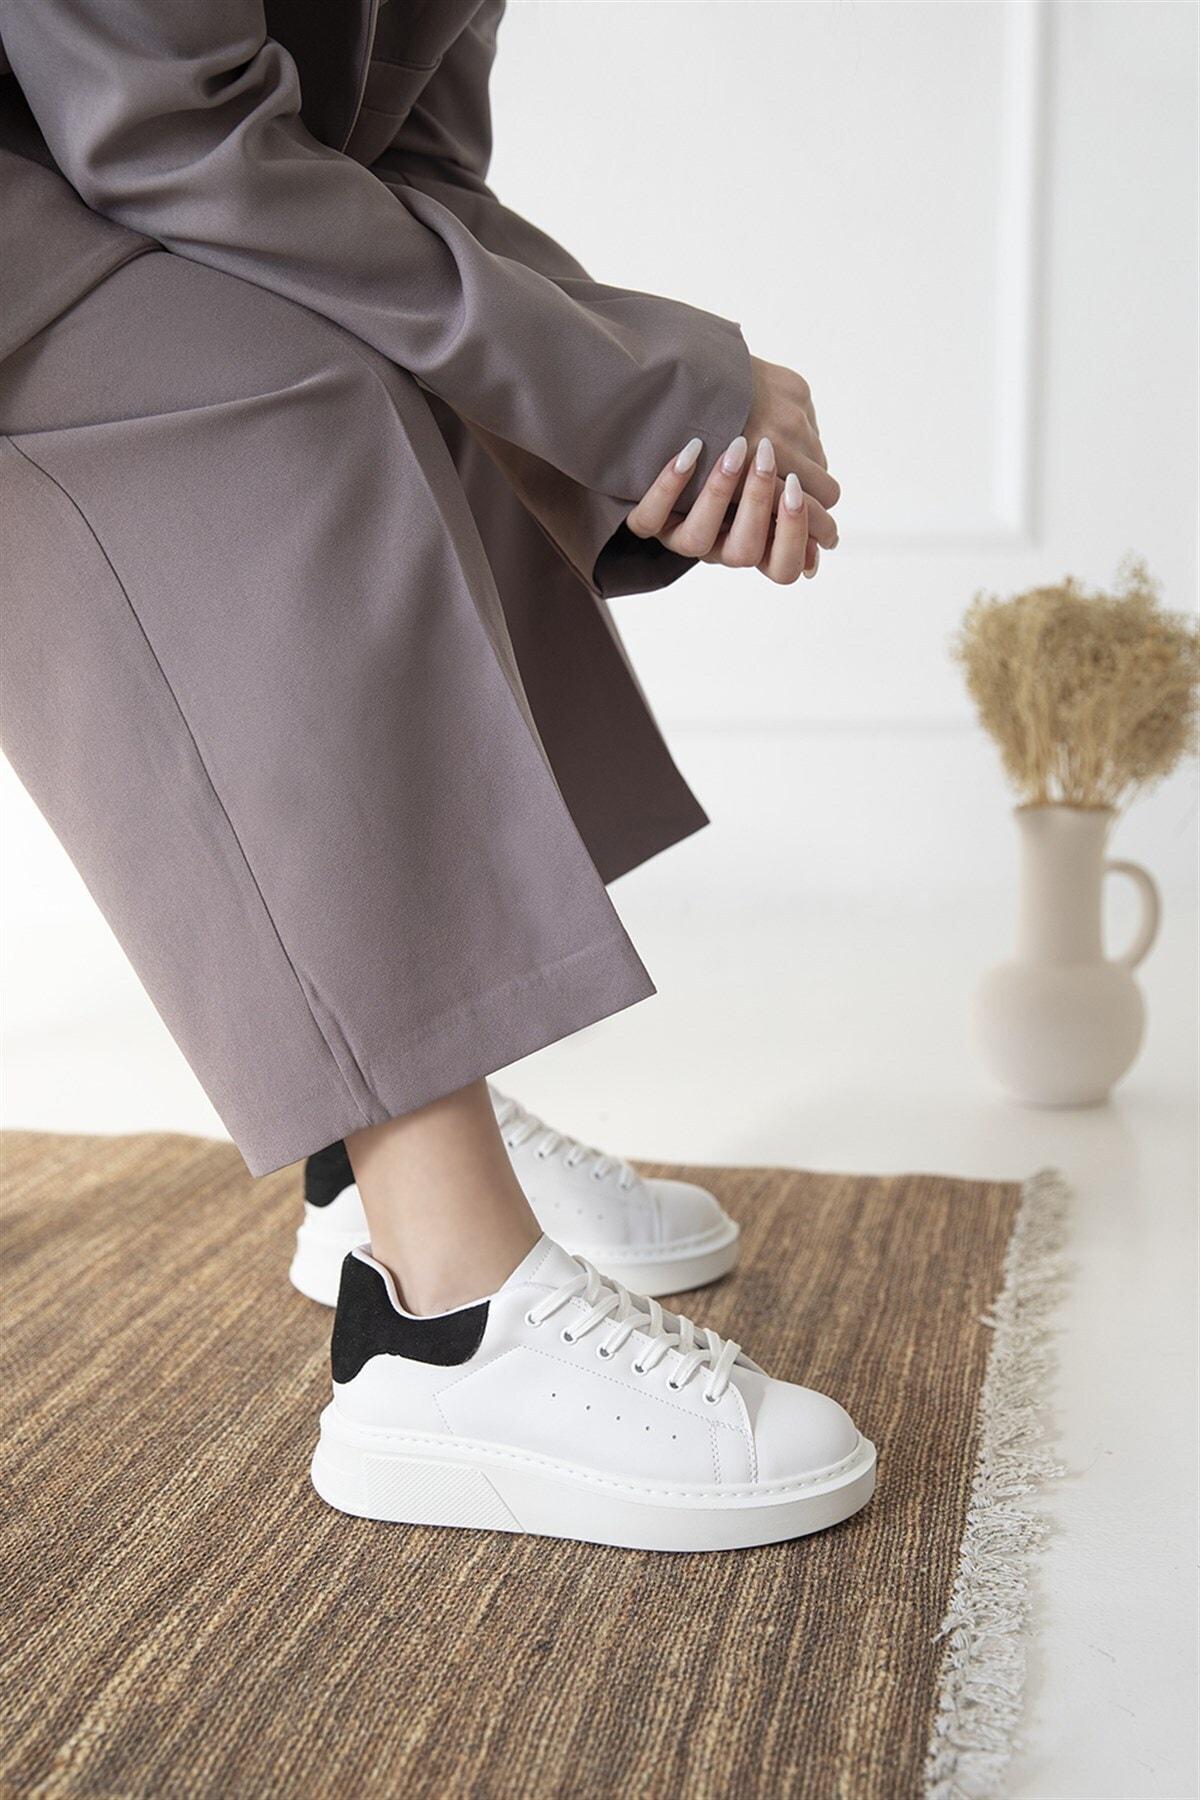 Kadın Beyaz-siyah Süet Spor Ayakkabı